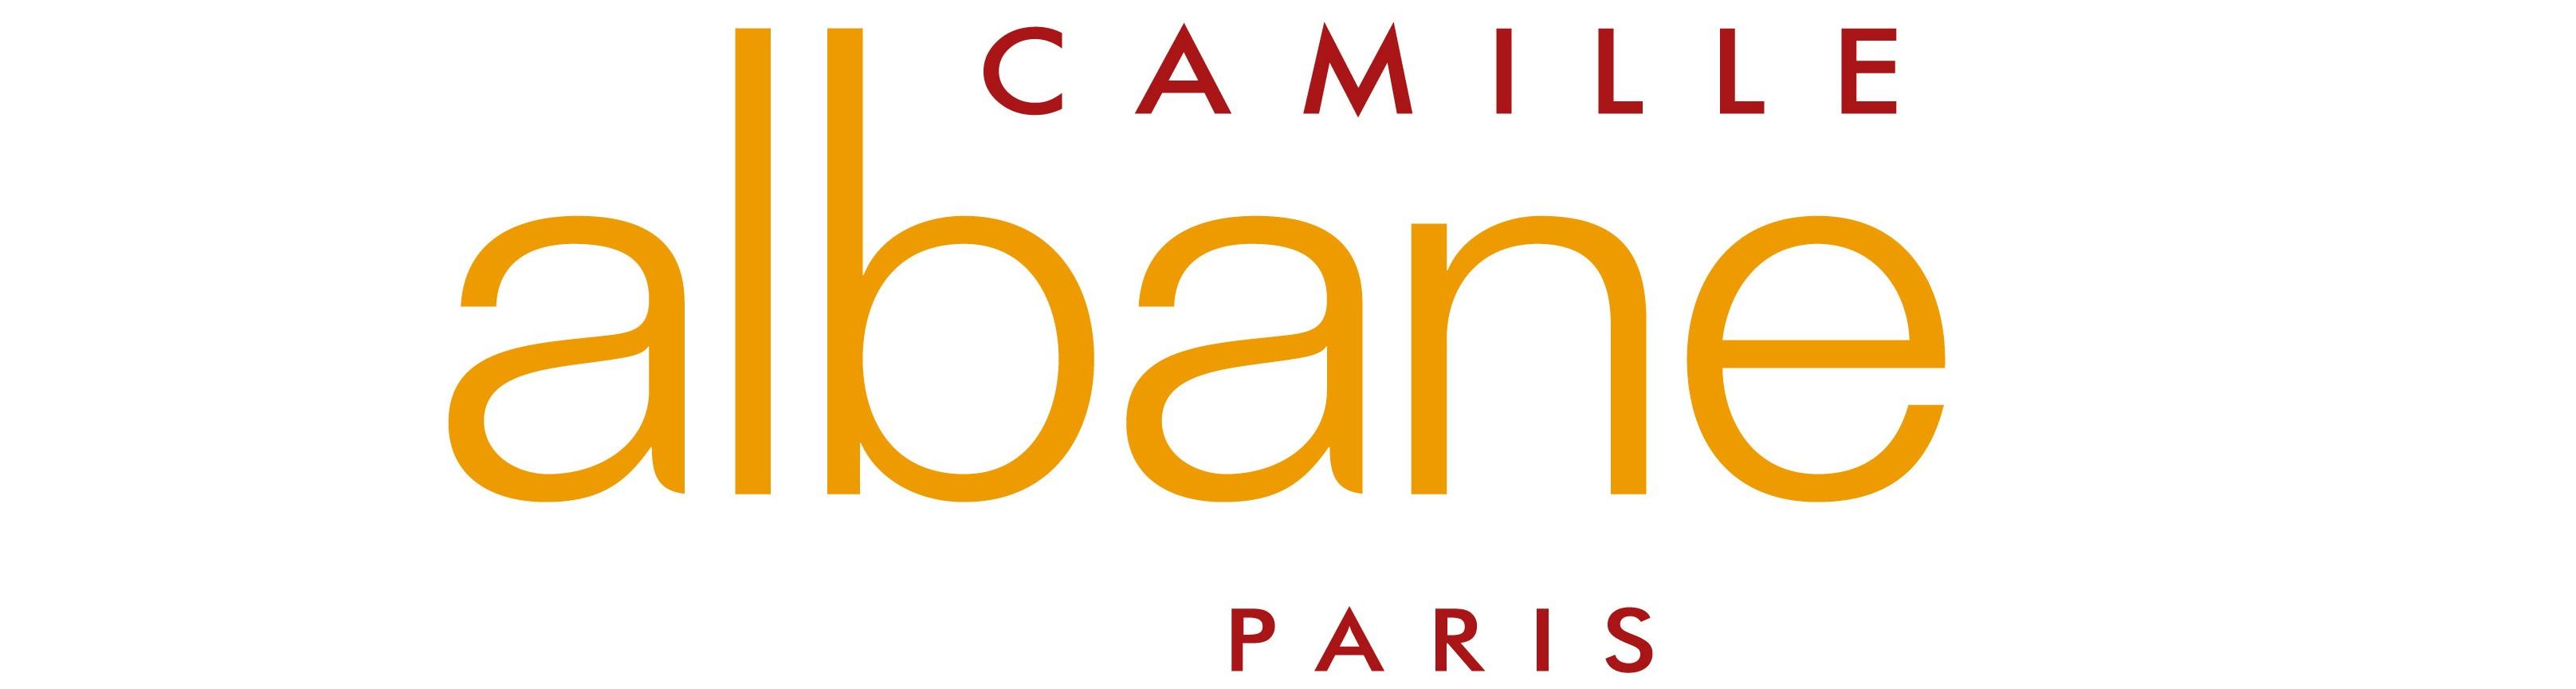 Prendre contact par téléphone Camille Albane